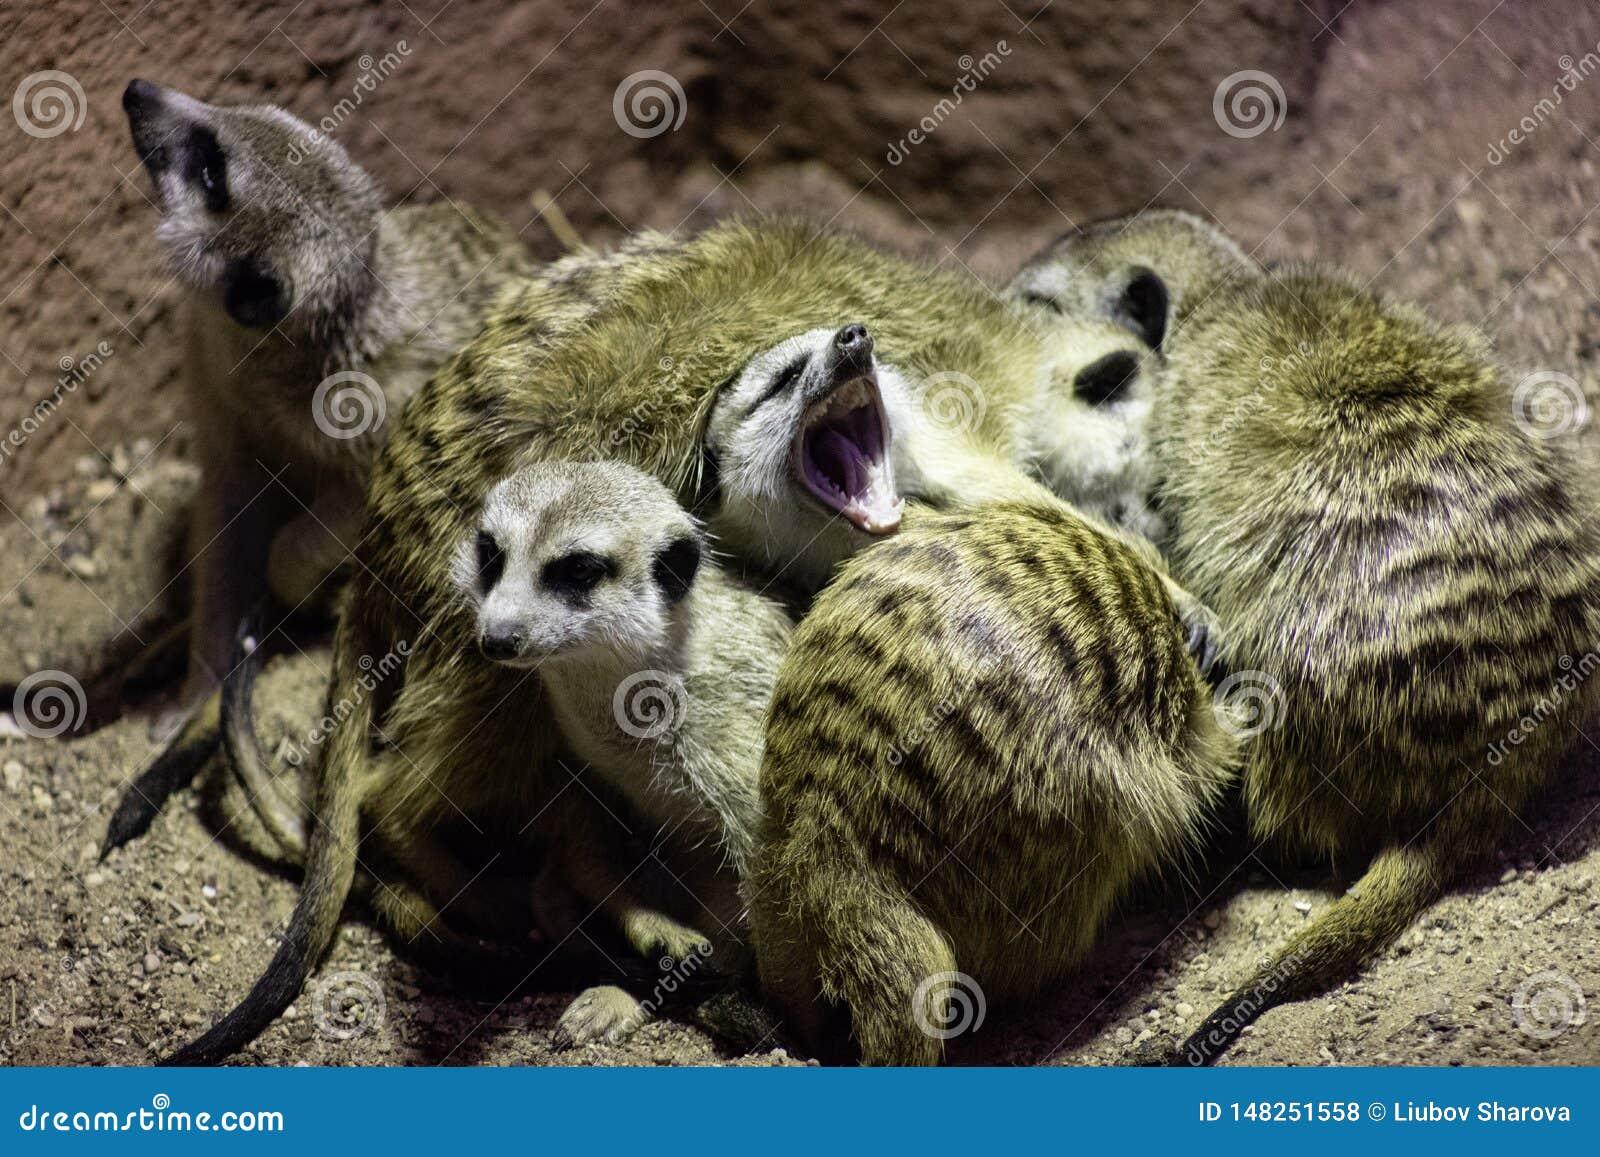 Семена так же, как насекомые Suricata Meerkat, также известные как meerkats спят совместно в куче, сладких зевках одном